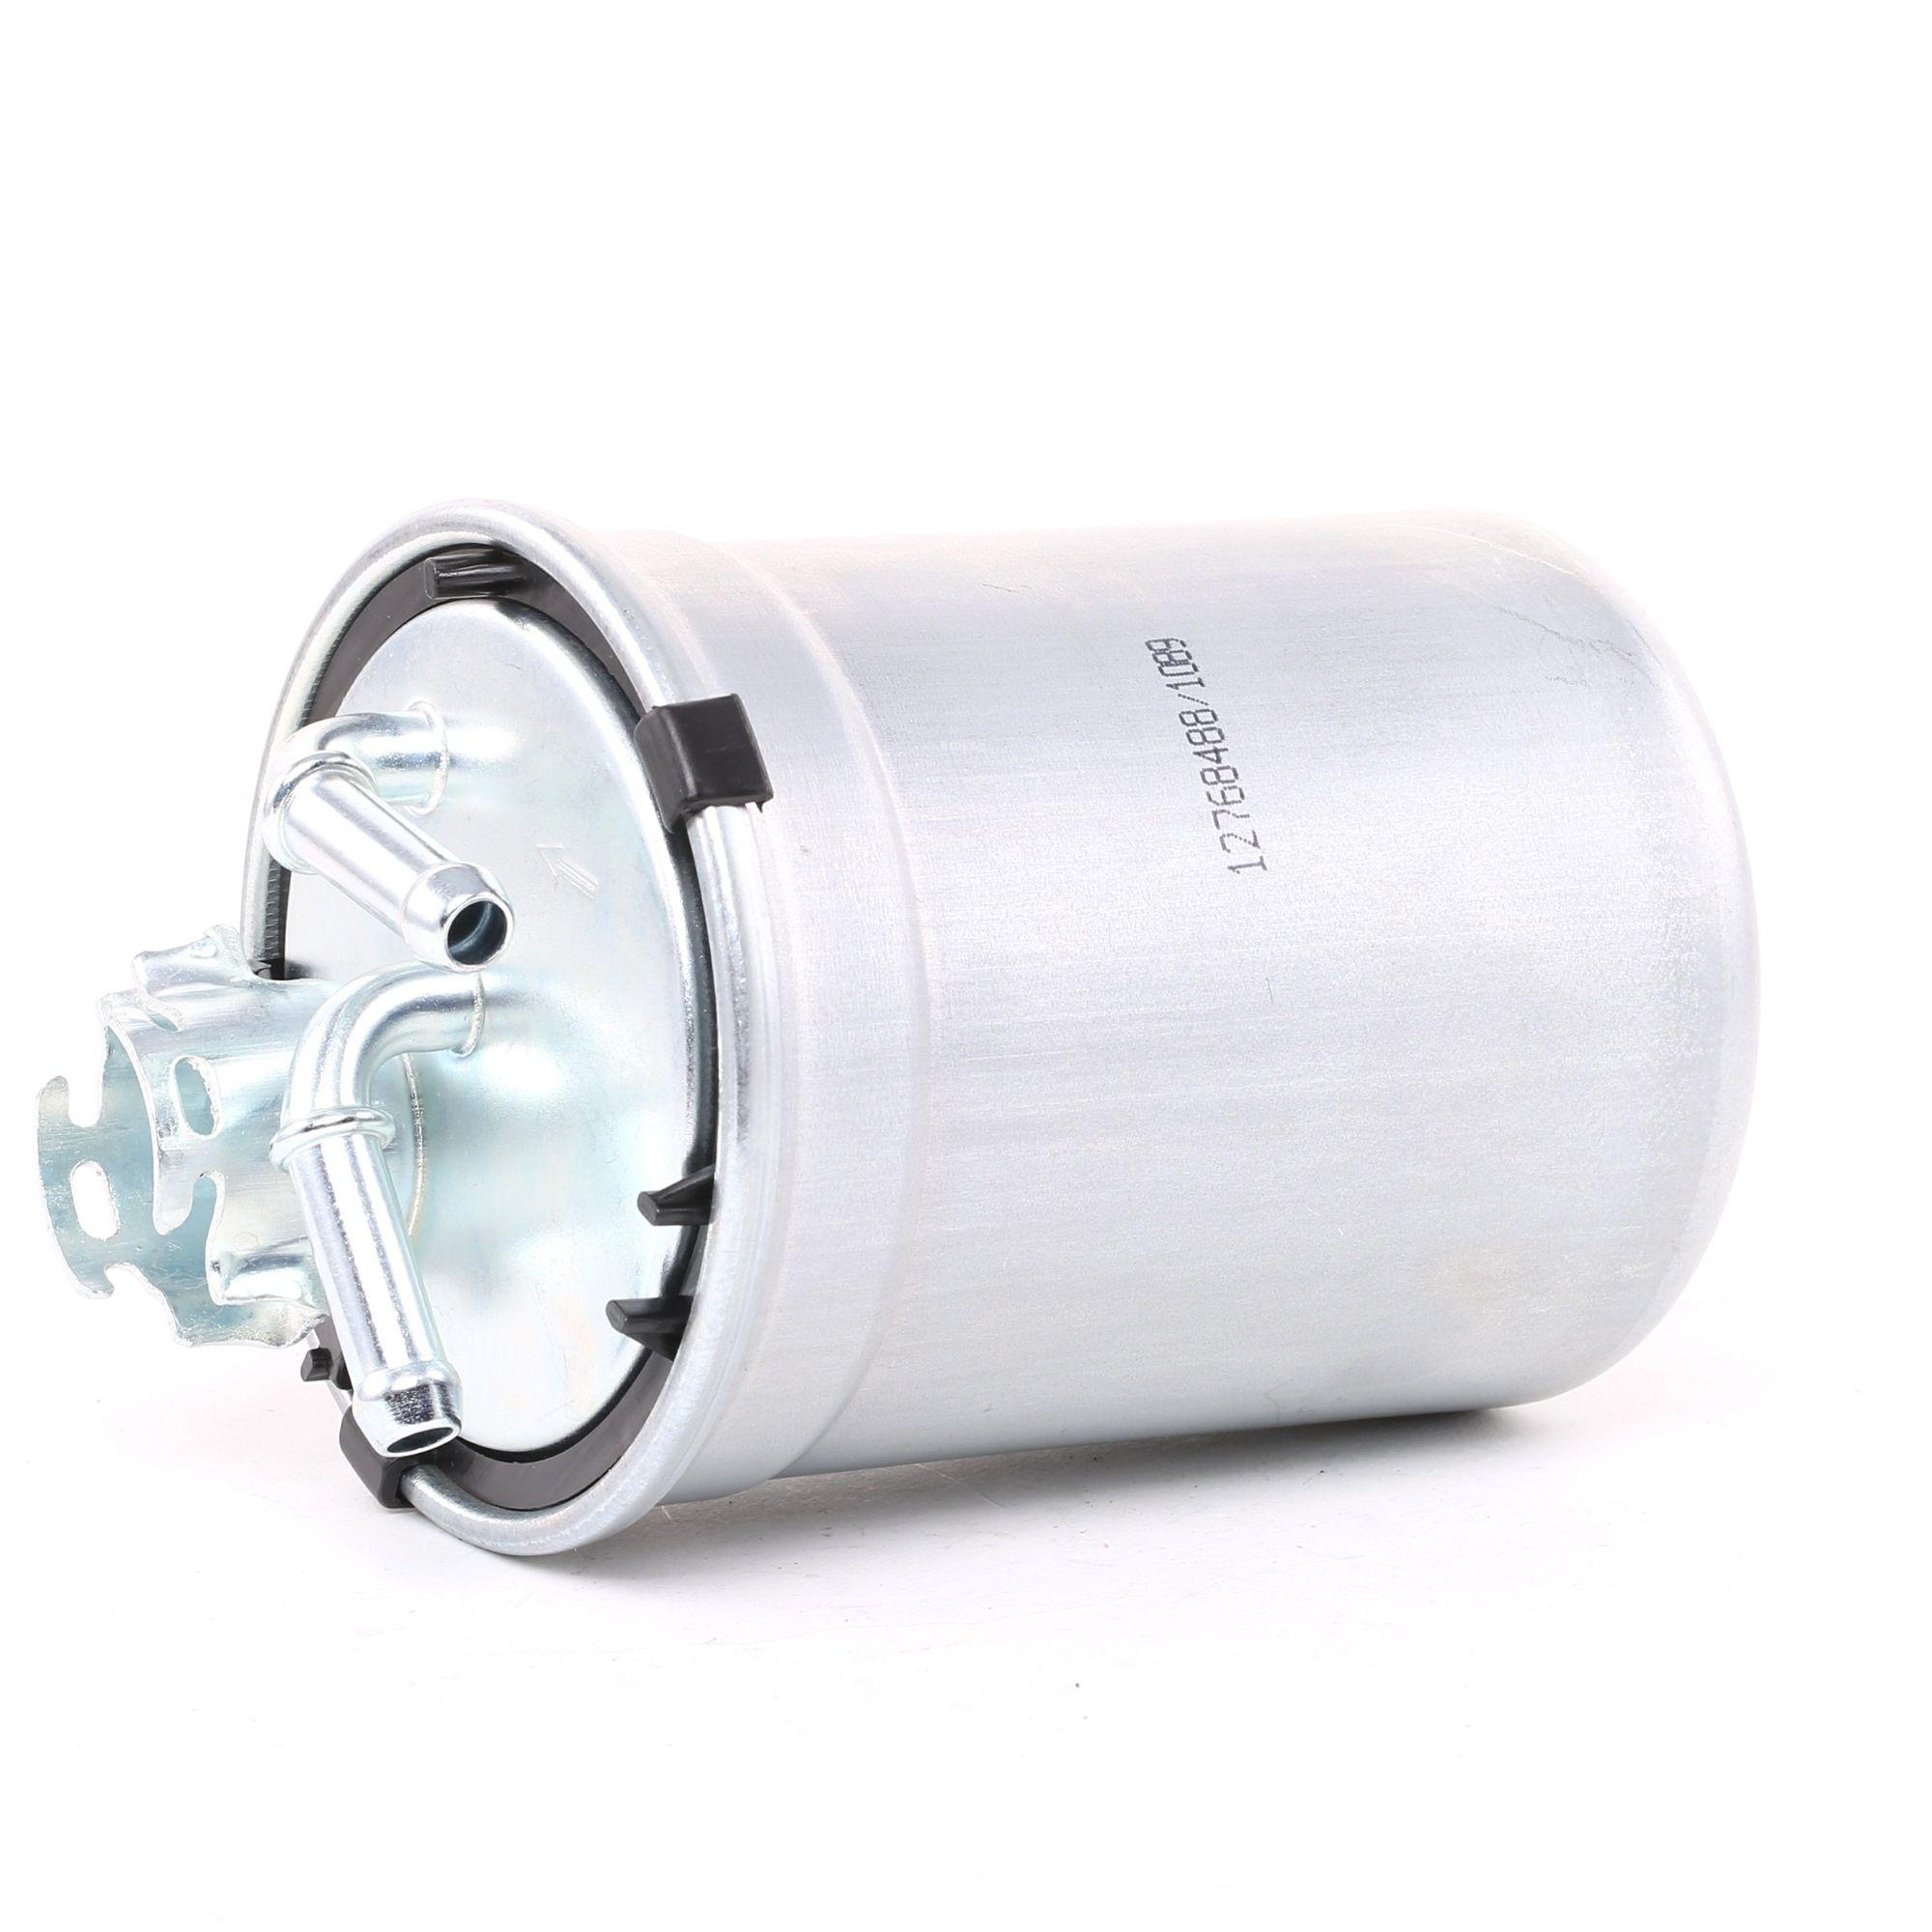 Palivový filtr Skoda Fabia 6y5 rok 2007 9F0129